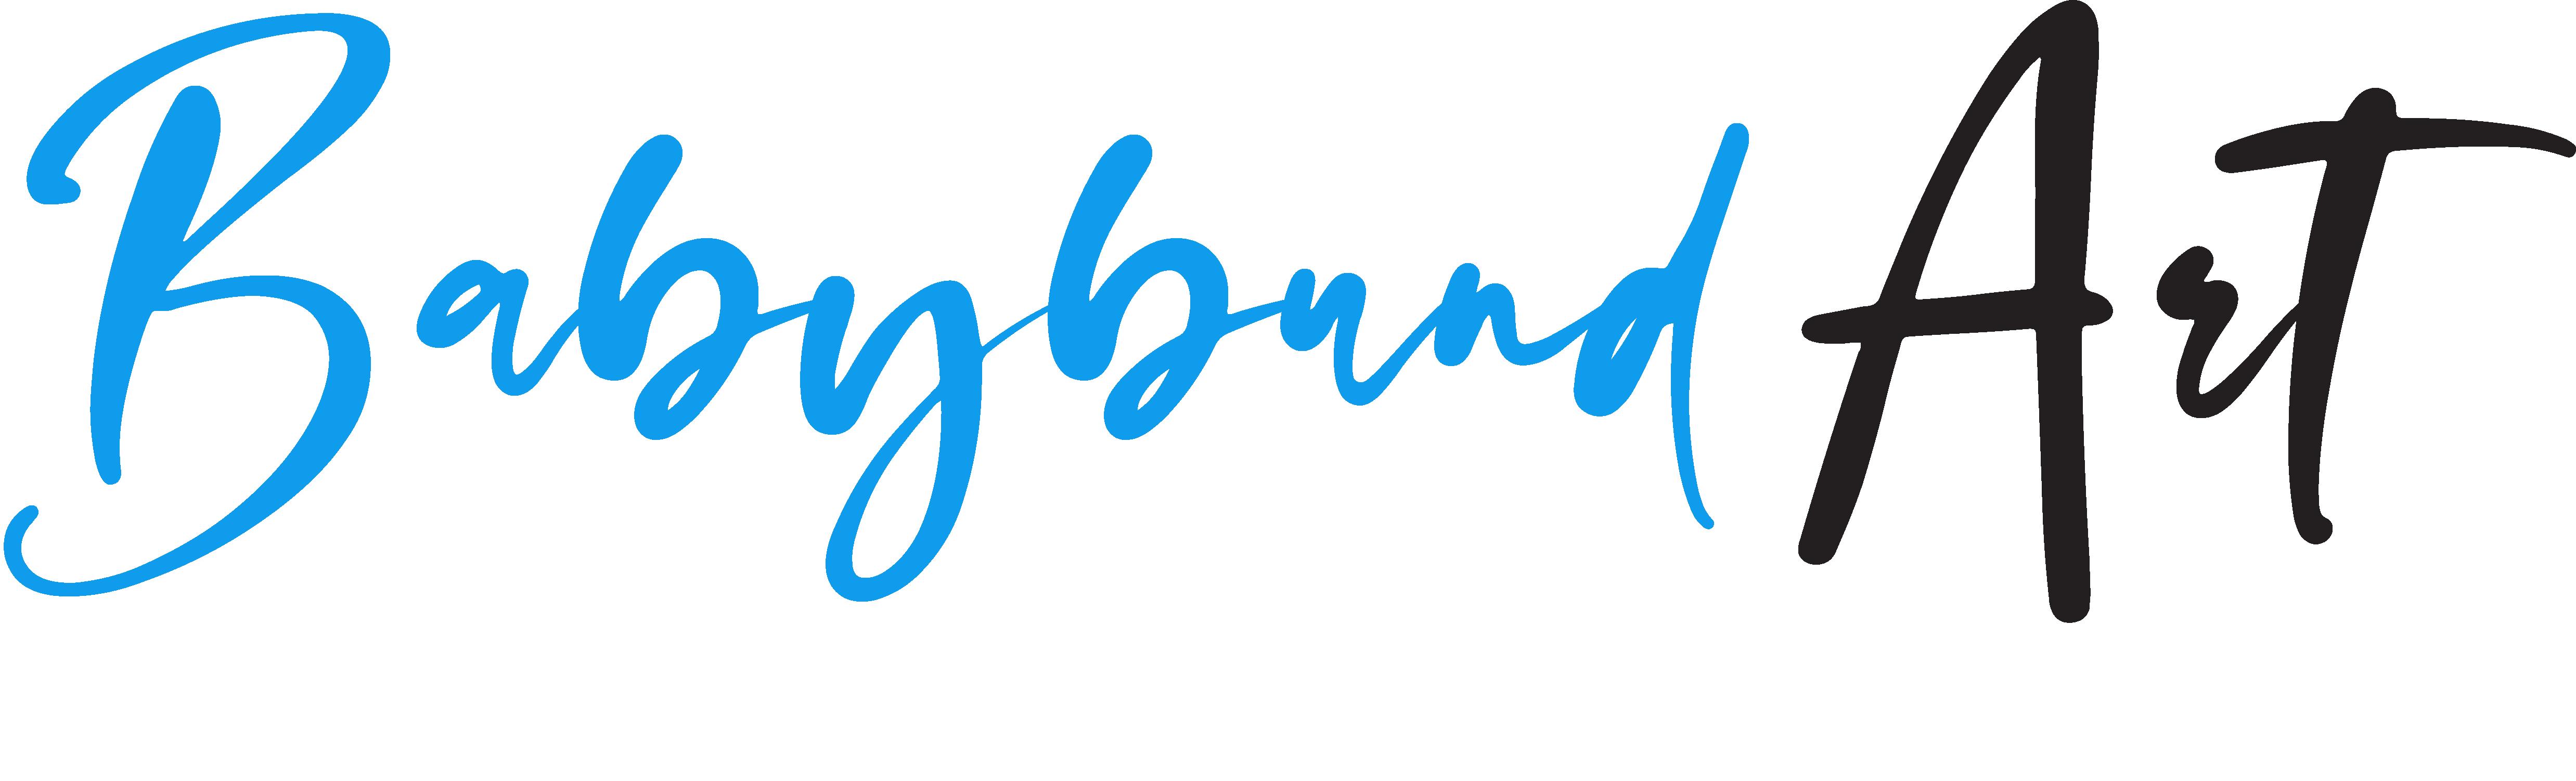 BABYBUND LOGO